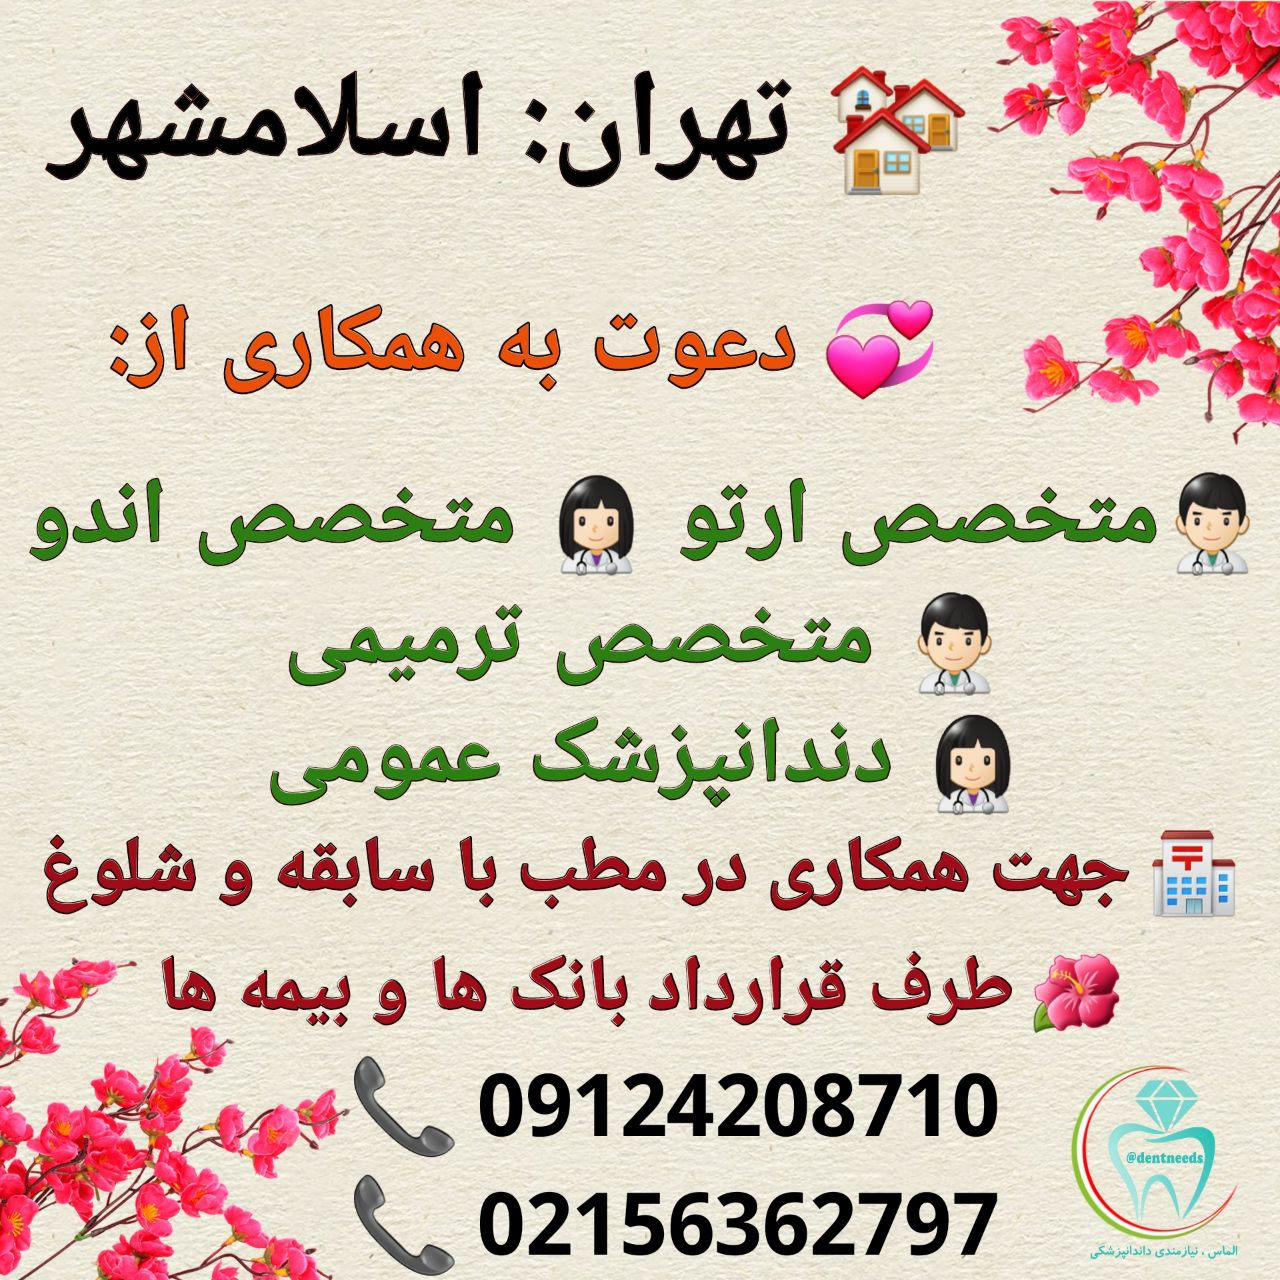 تهران: اسلامشهر، دعوت به همکاری از متخصص ارتو، اندو، ترمیمی، دندانپزشک عمومی